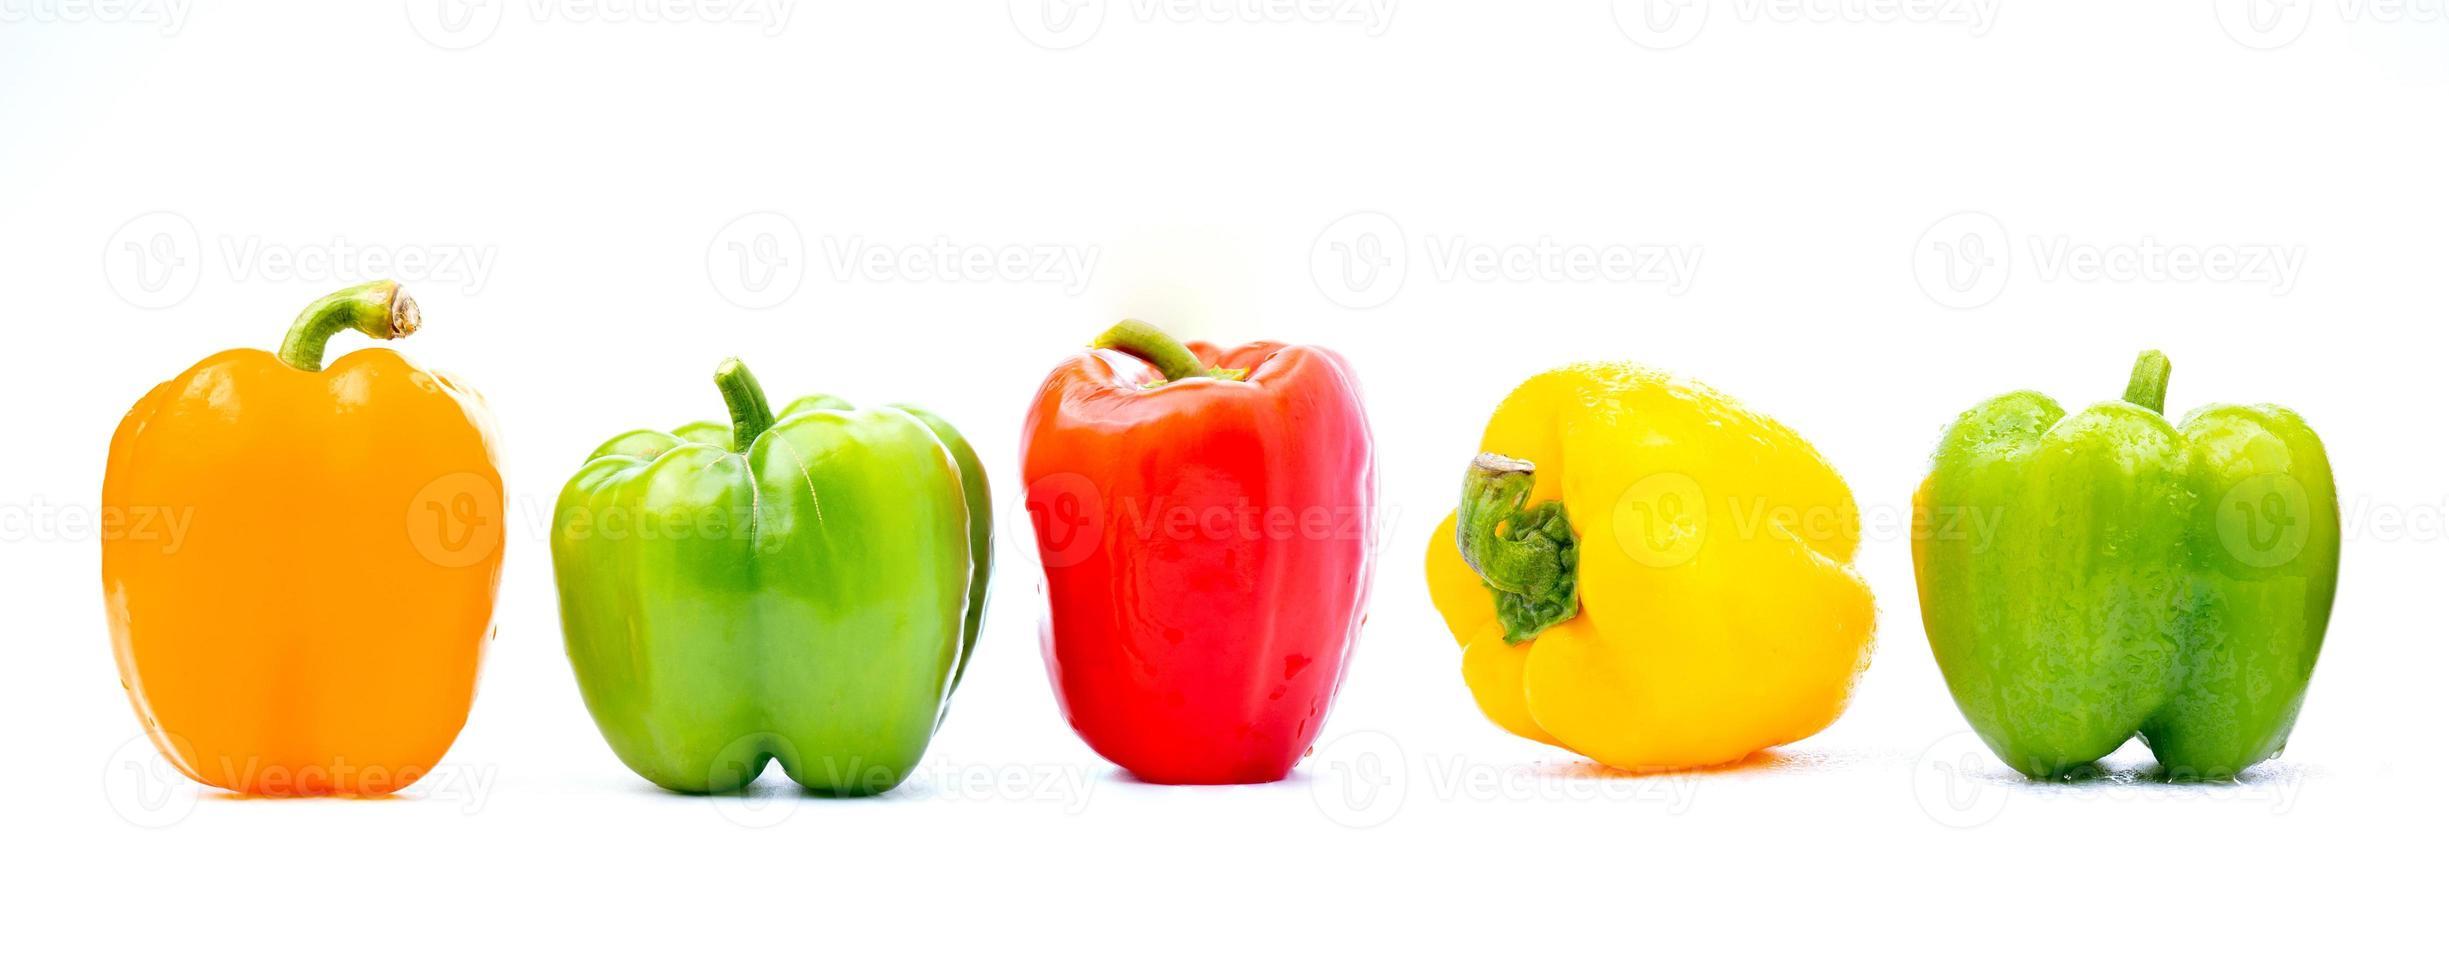 kleurrijke paprika op witte achtergrond foto